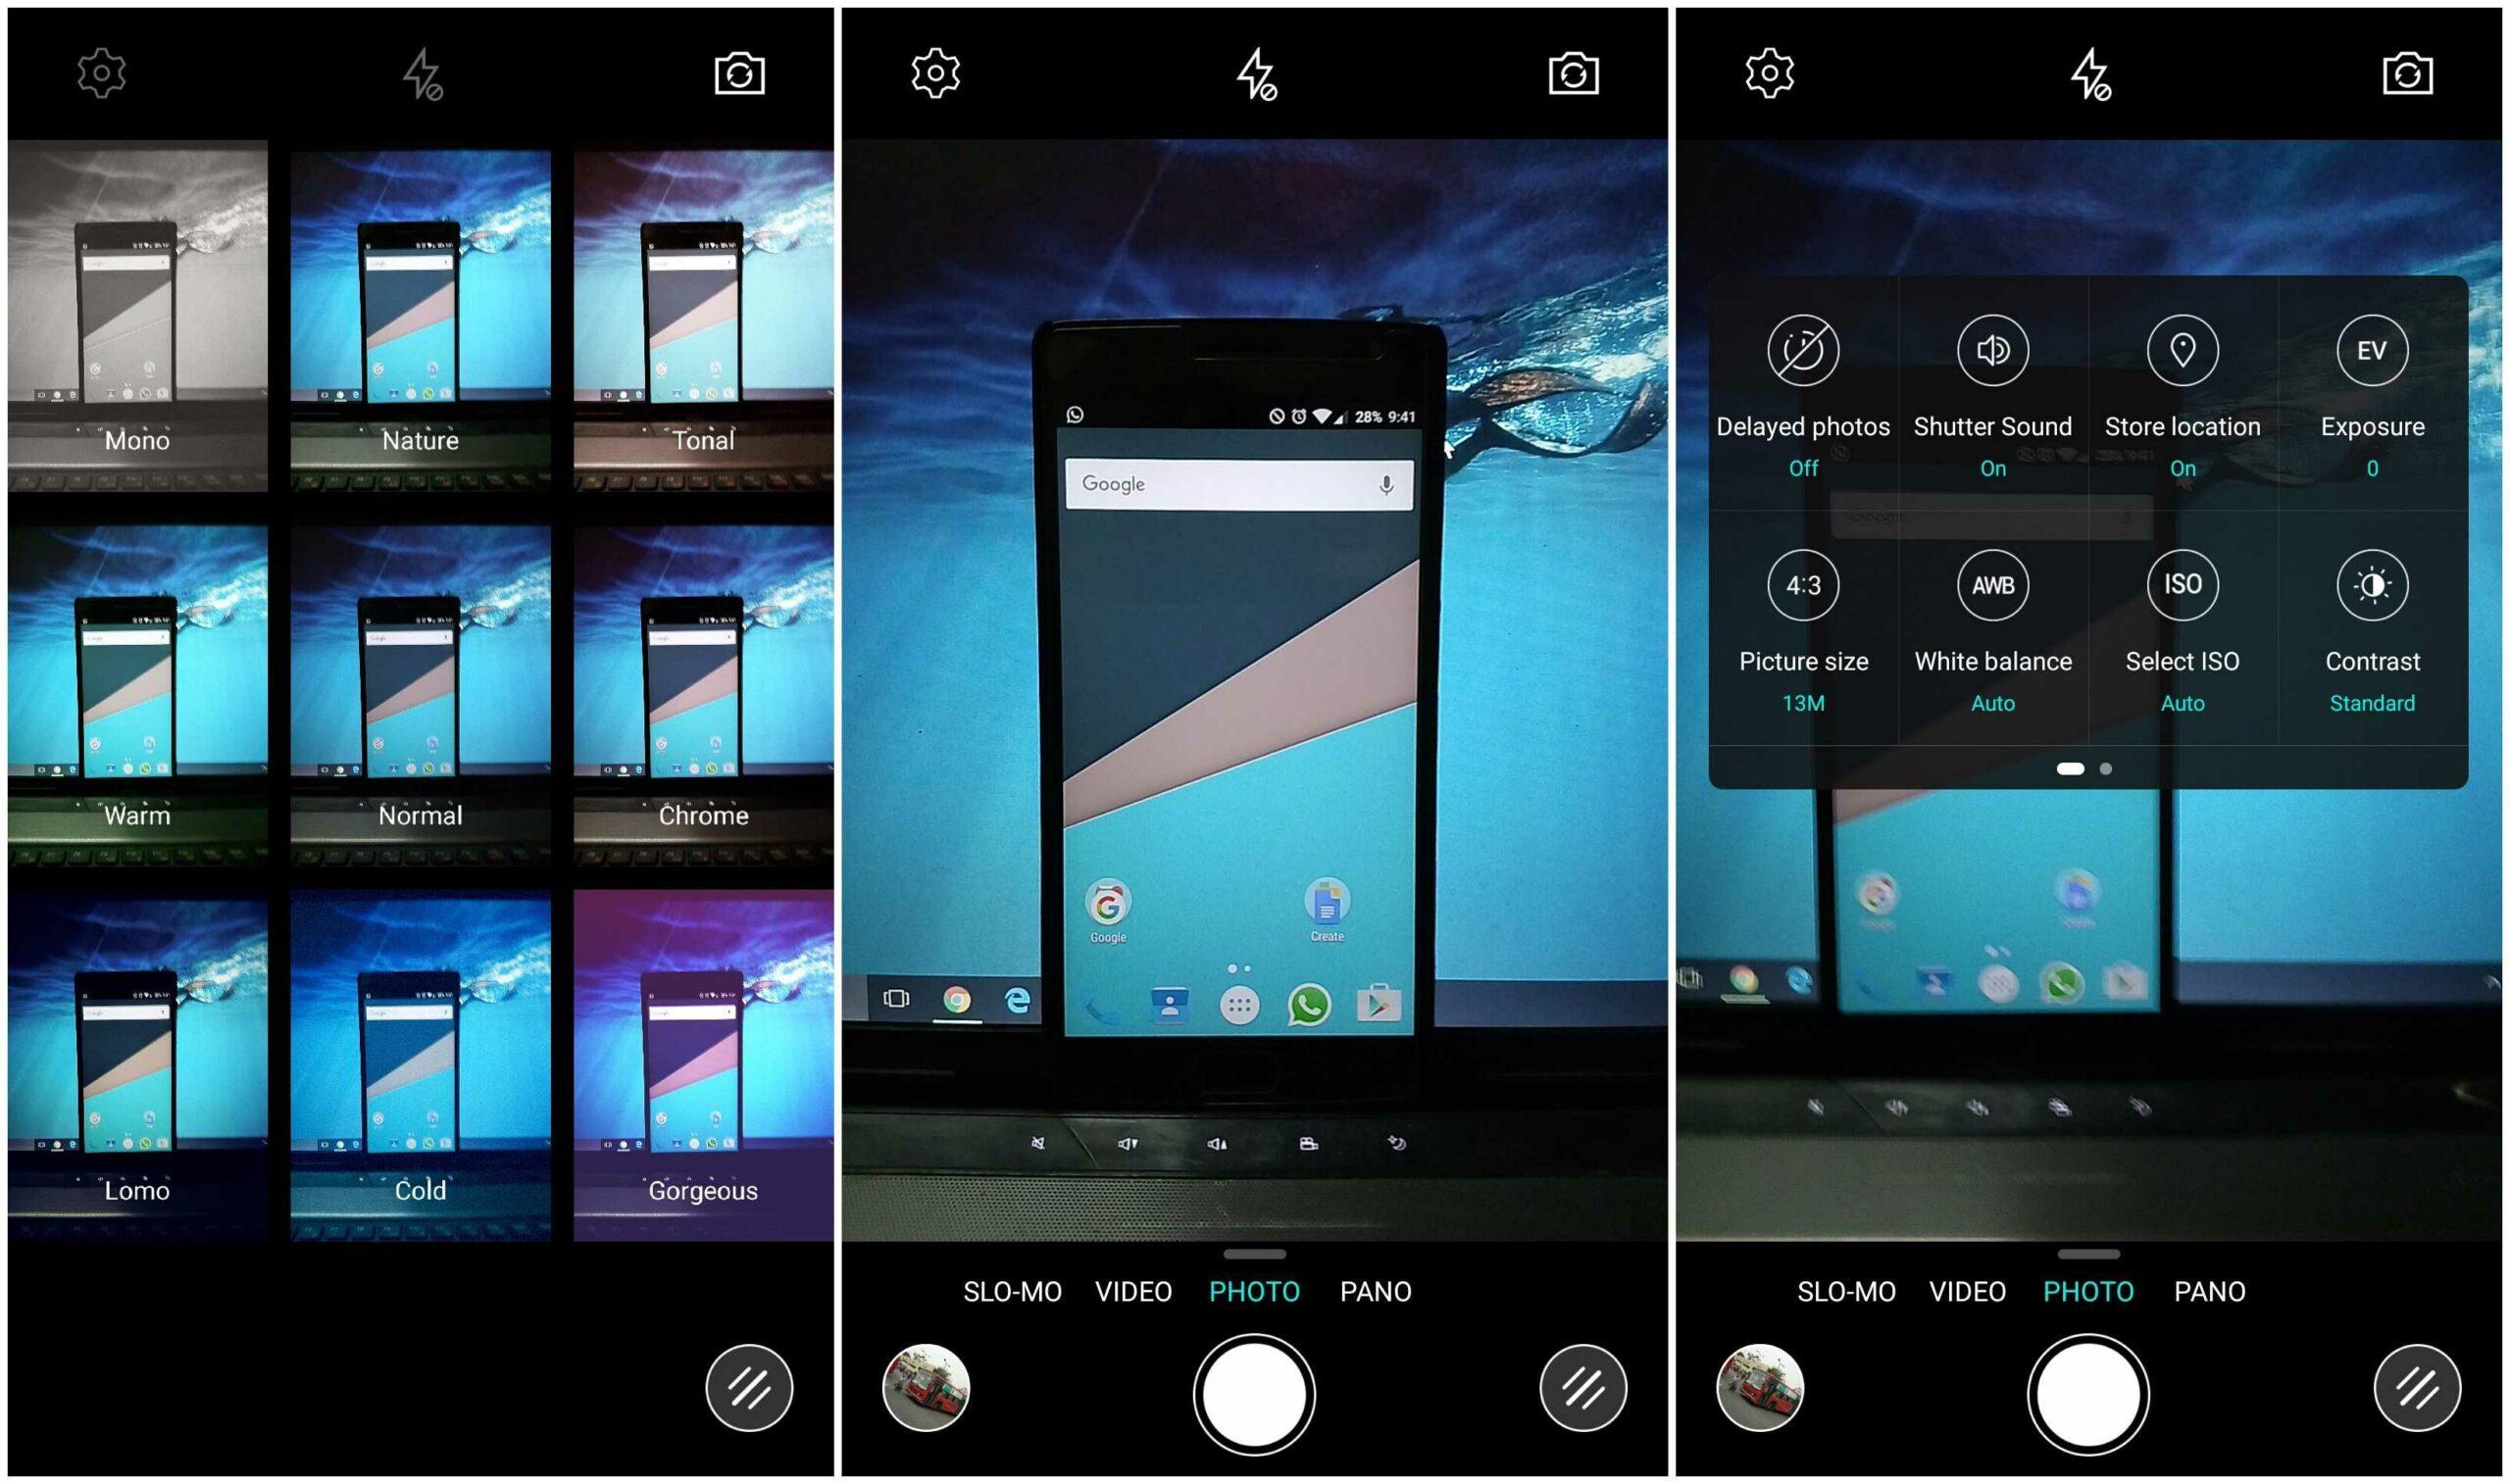 LeTV Le 1S camera interface like iphone